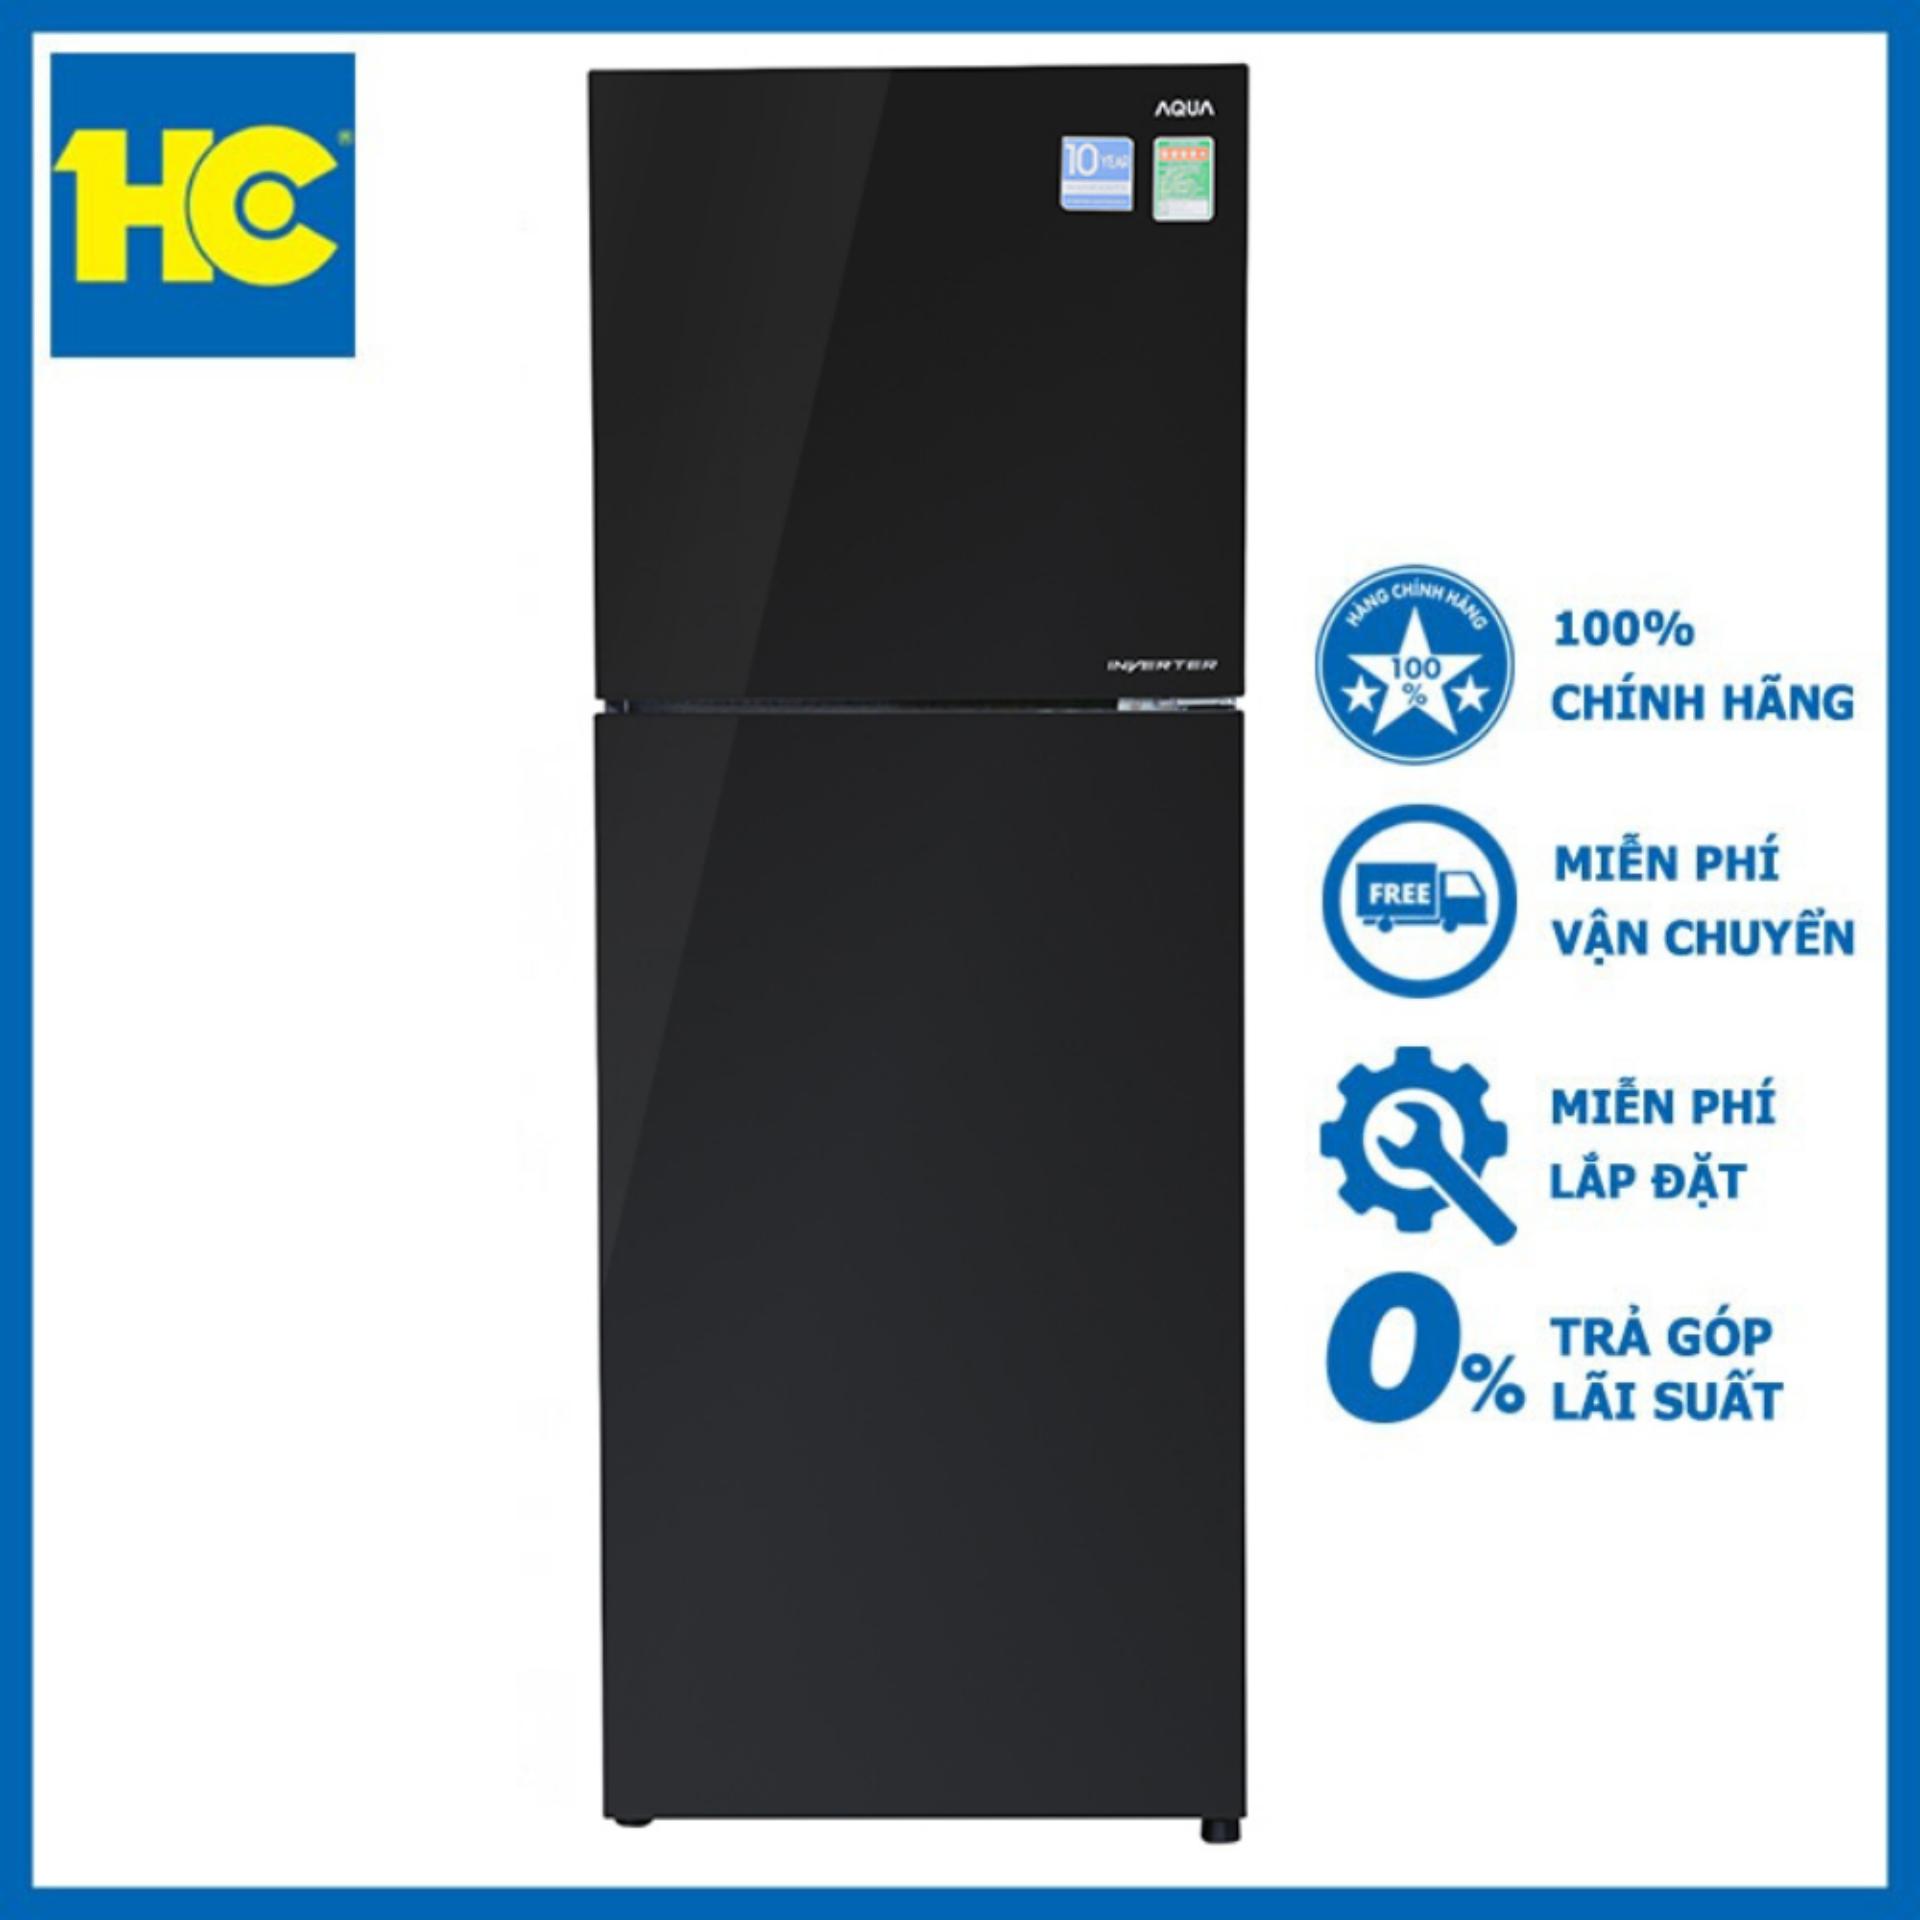 Tủ lạnh Aqua Inverter 318 lít AQR-IG356DN(GBN) ?en – Miễn phí vận chuyển & lắp đặt – Bảo hành chính hãng